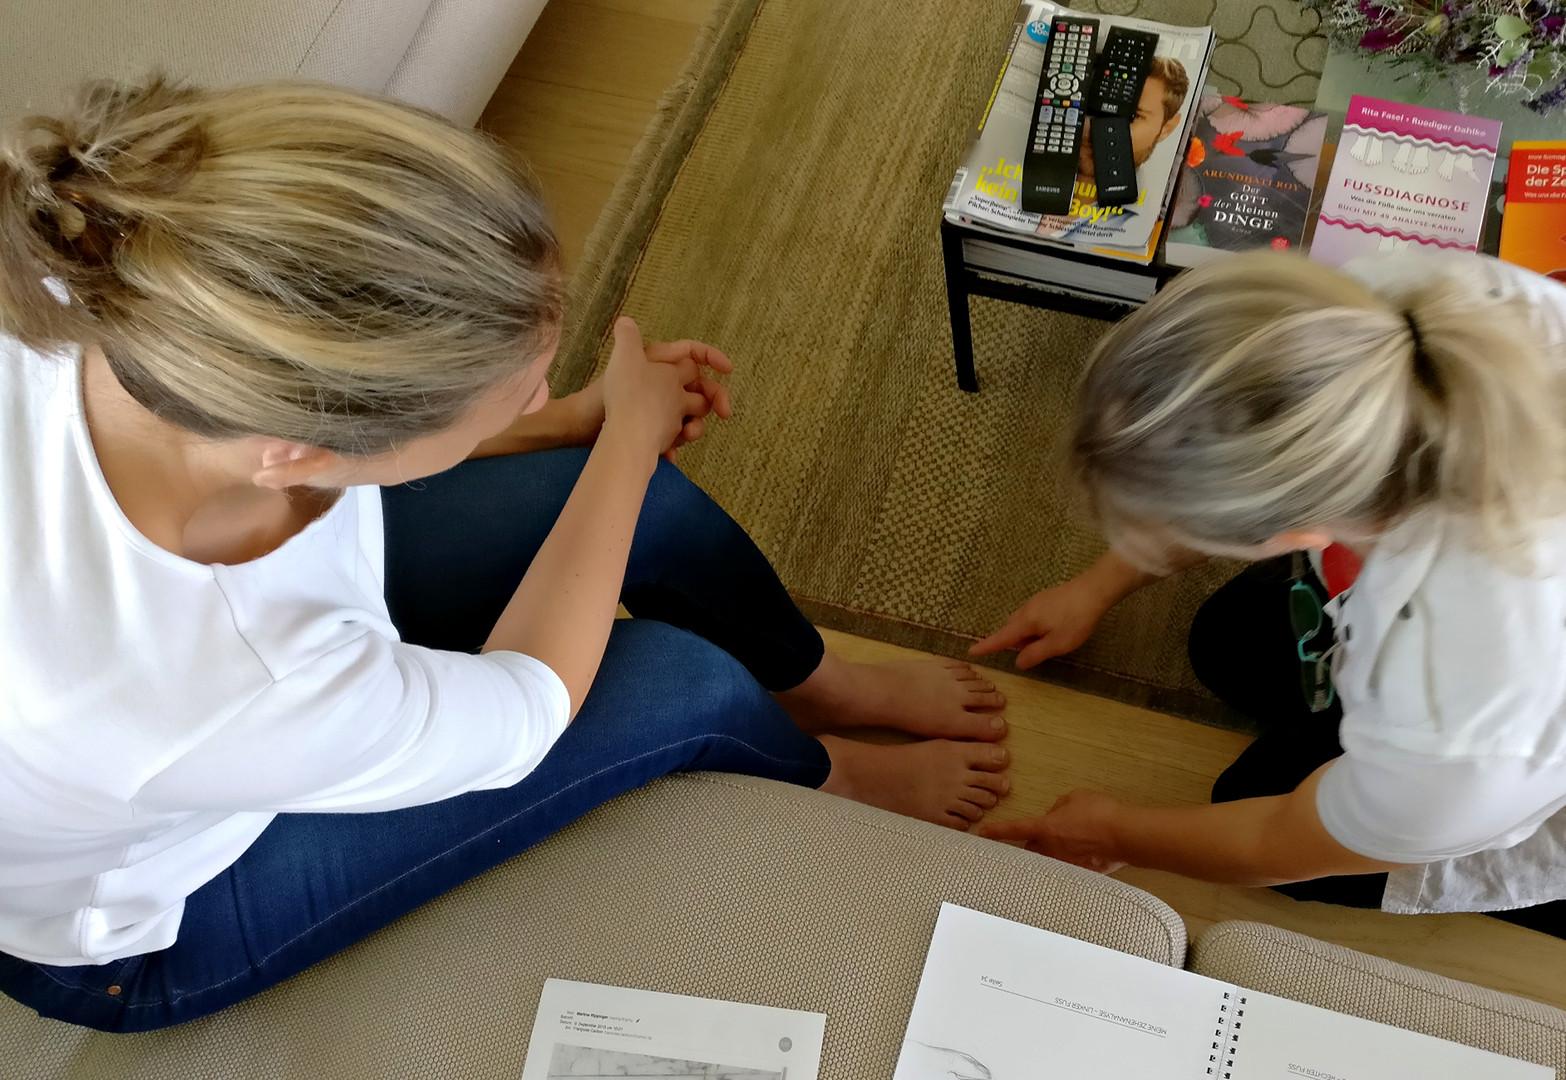 Ellen Ruschmann bei der Fussdiagnose